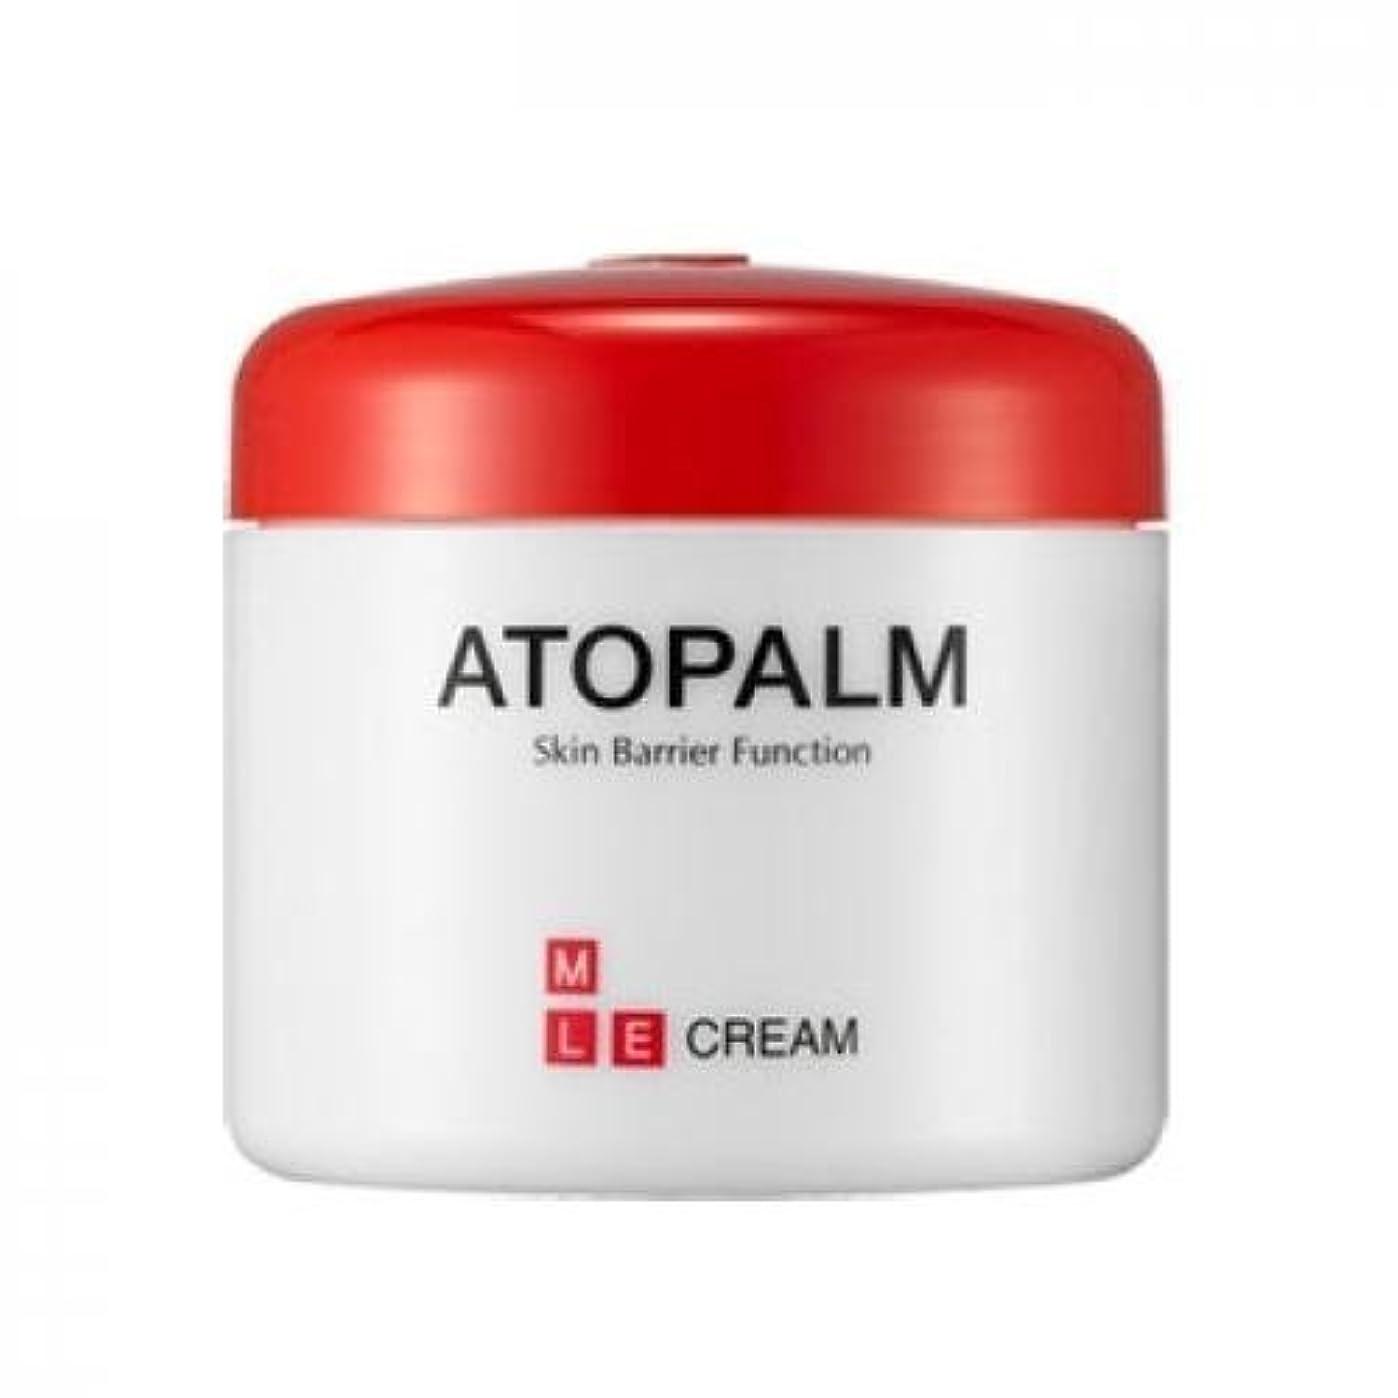 うめき抱擁呼び起こすATOPALM MLE Cream (160ml) (Korean original)